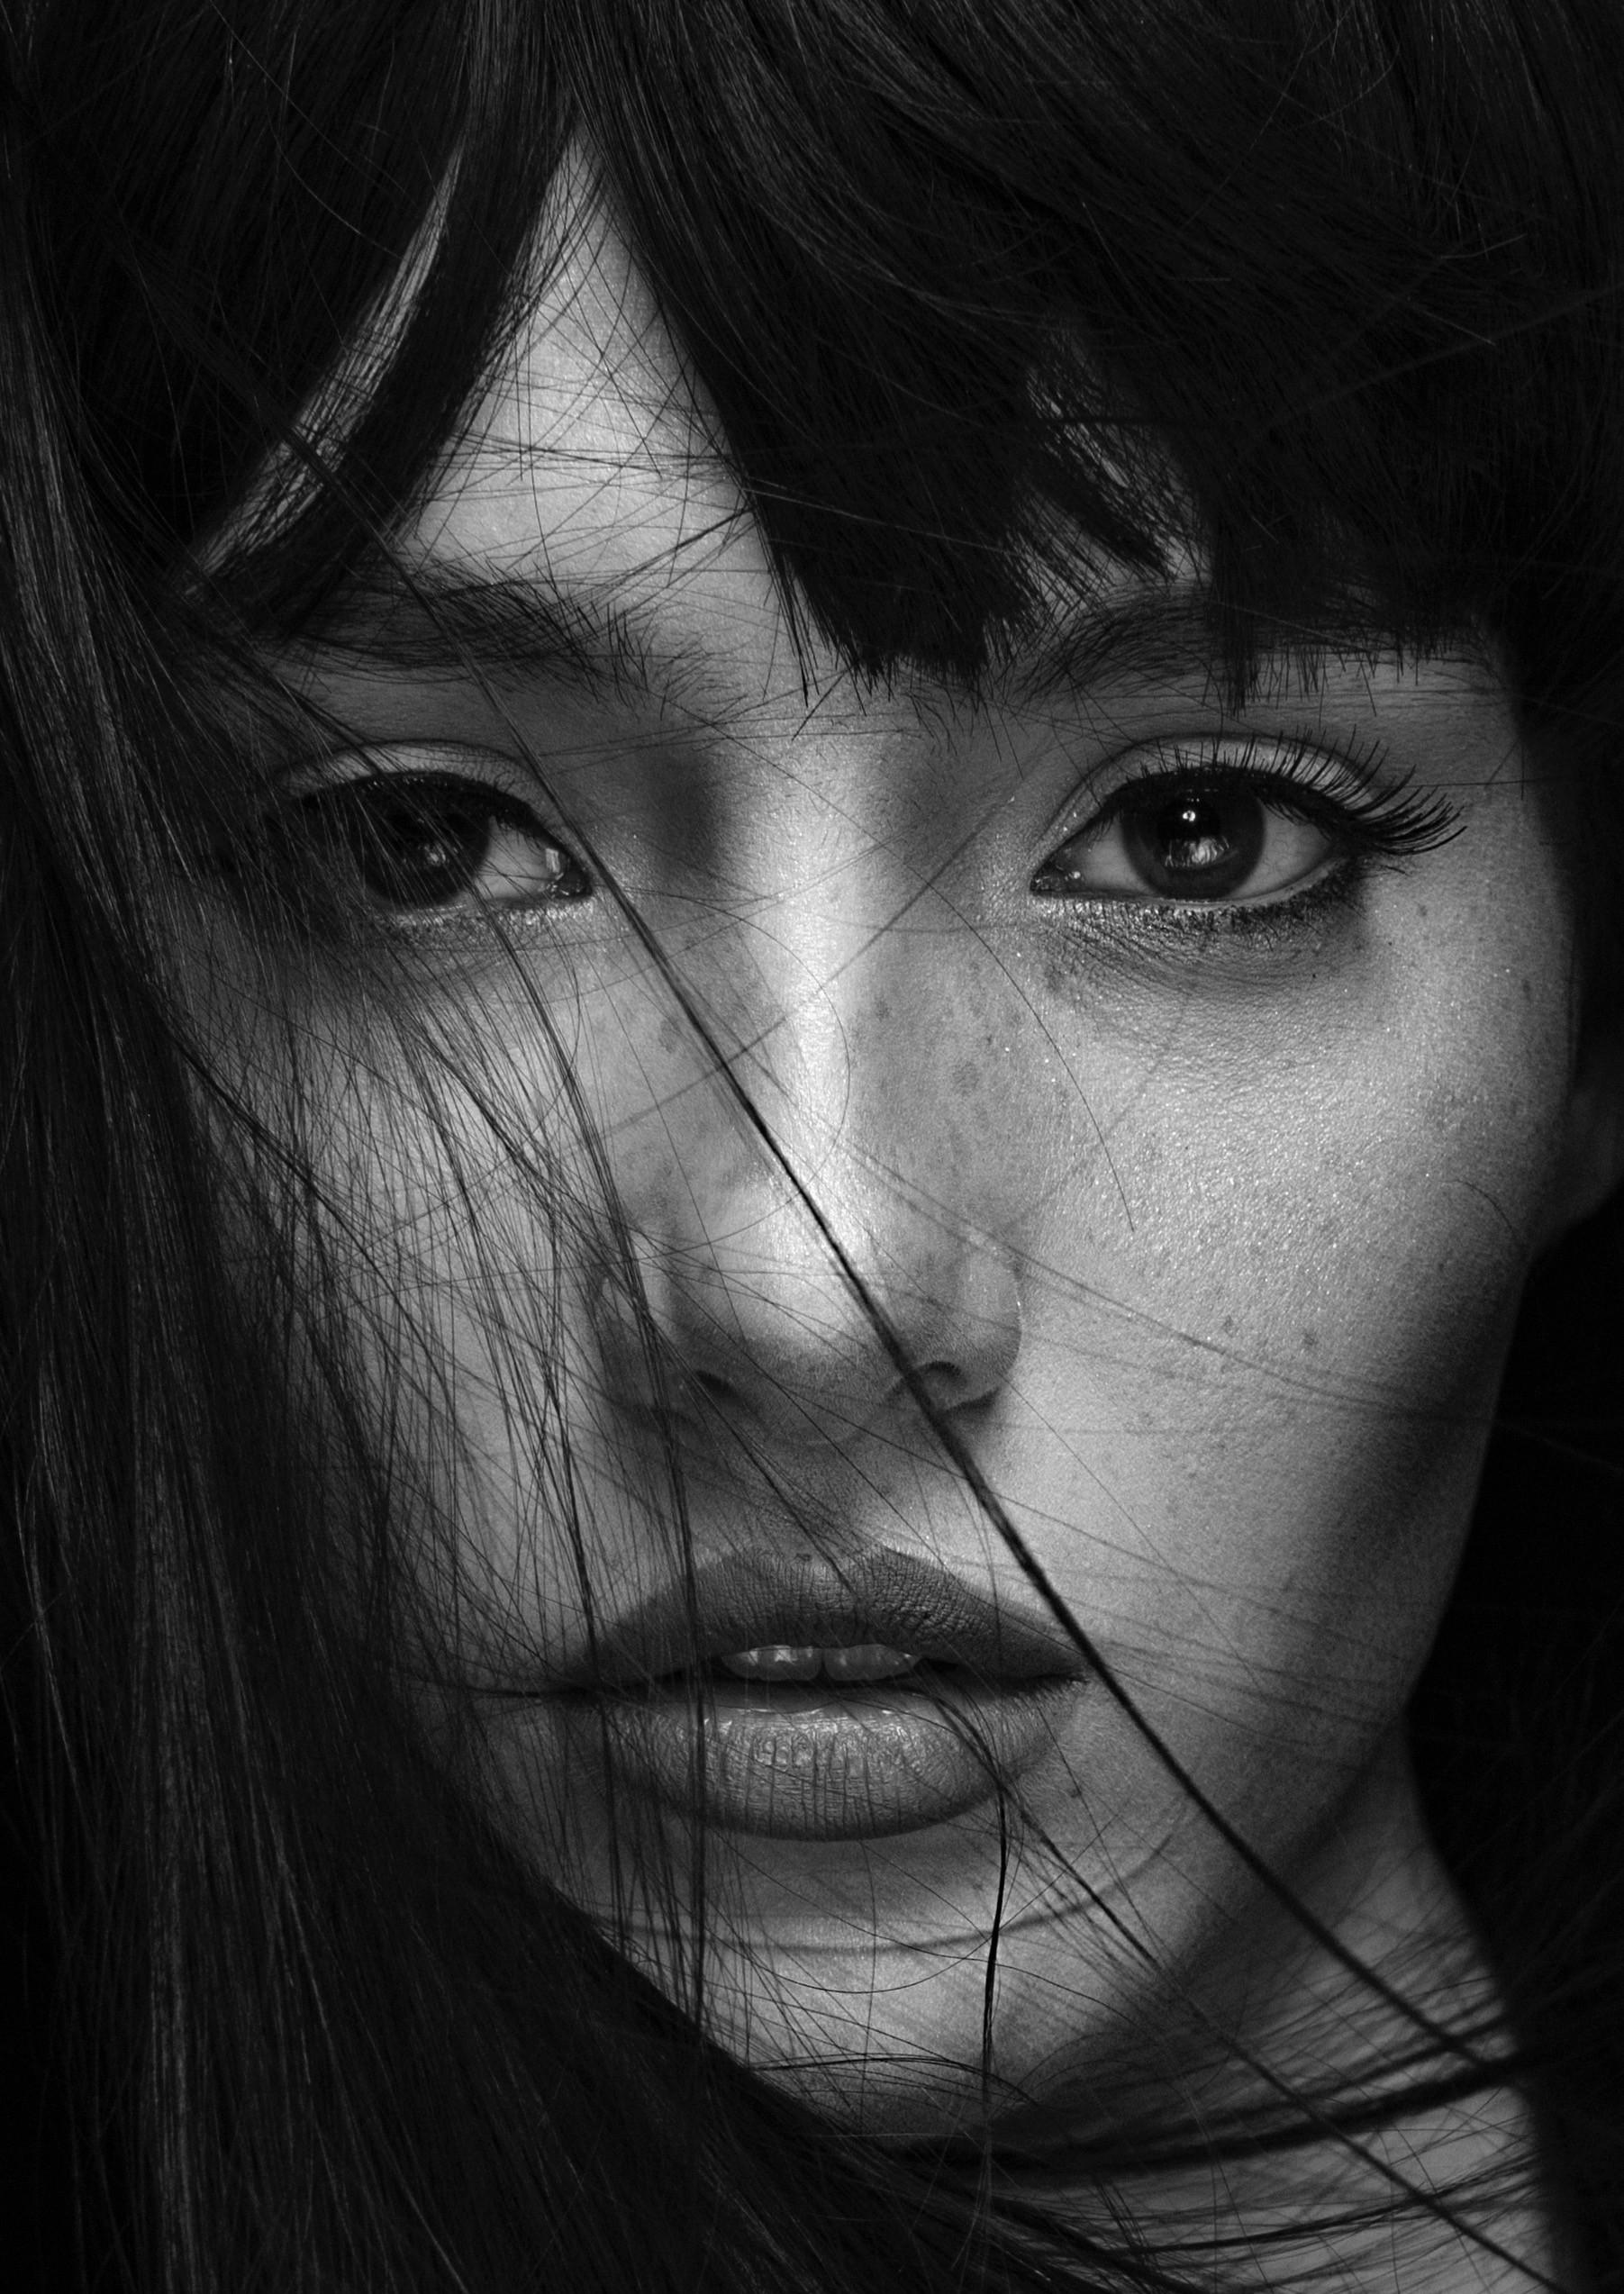 Photographer: Gee Plamenco III Hairstylist: Mong Amado Model: Siobhan Moylan of IM Agency